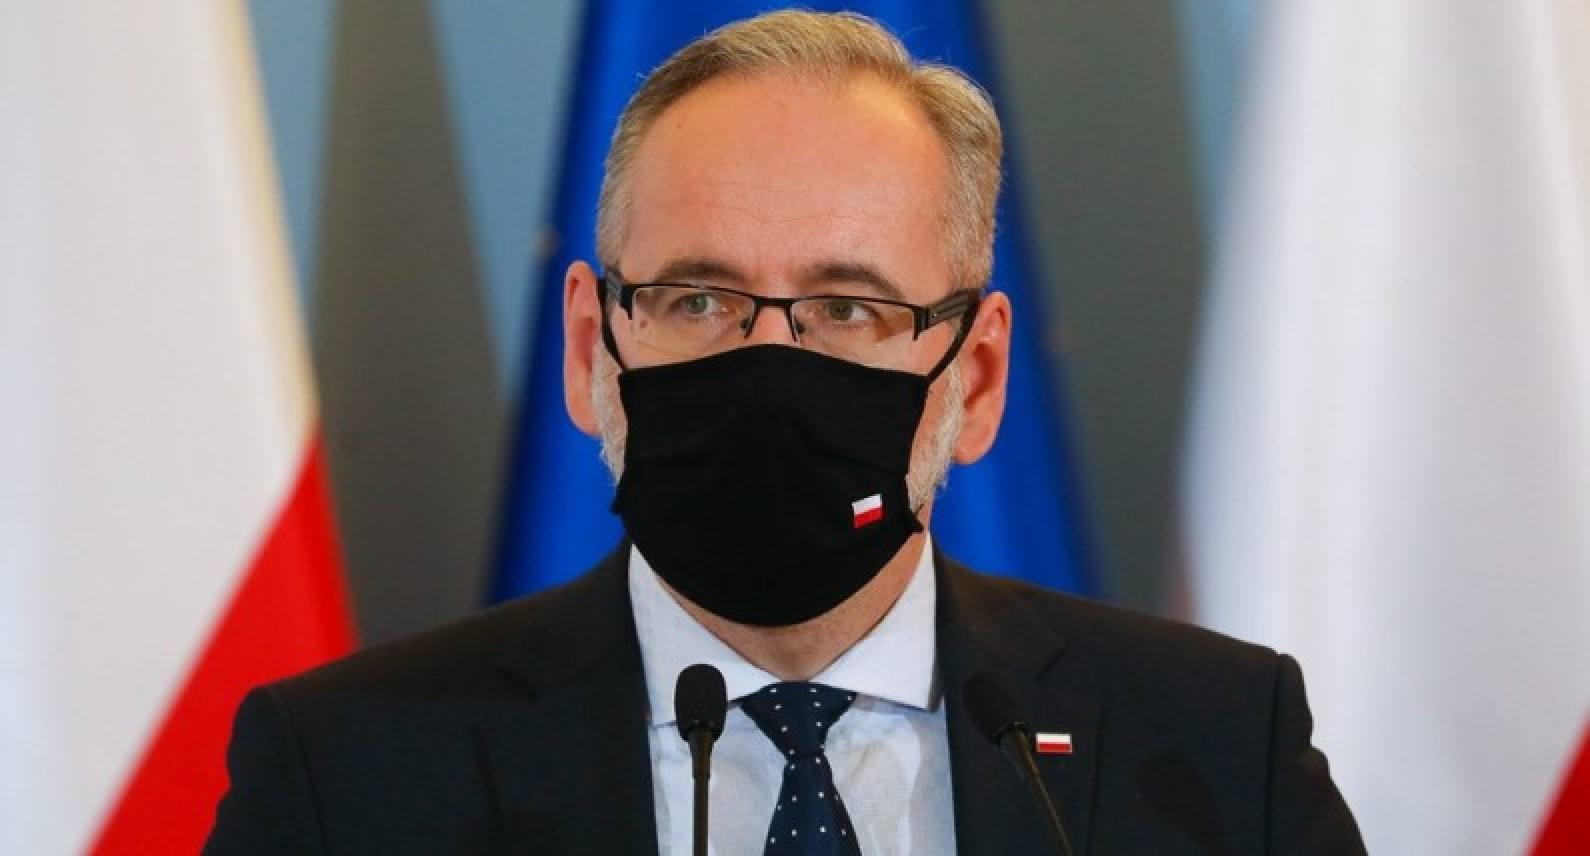 Powrót kwarantanny, zamknięte hotele i sylwestrowa godzina policyjna: nowe obostrzenia w Polsce